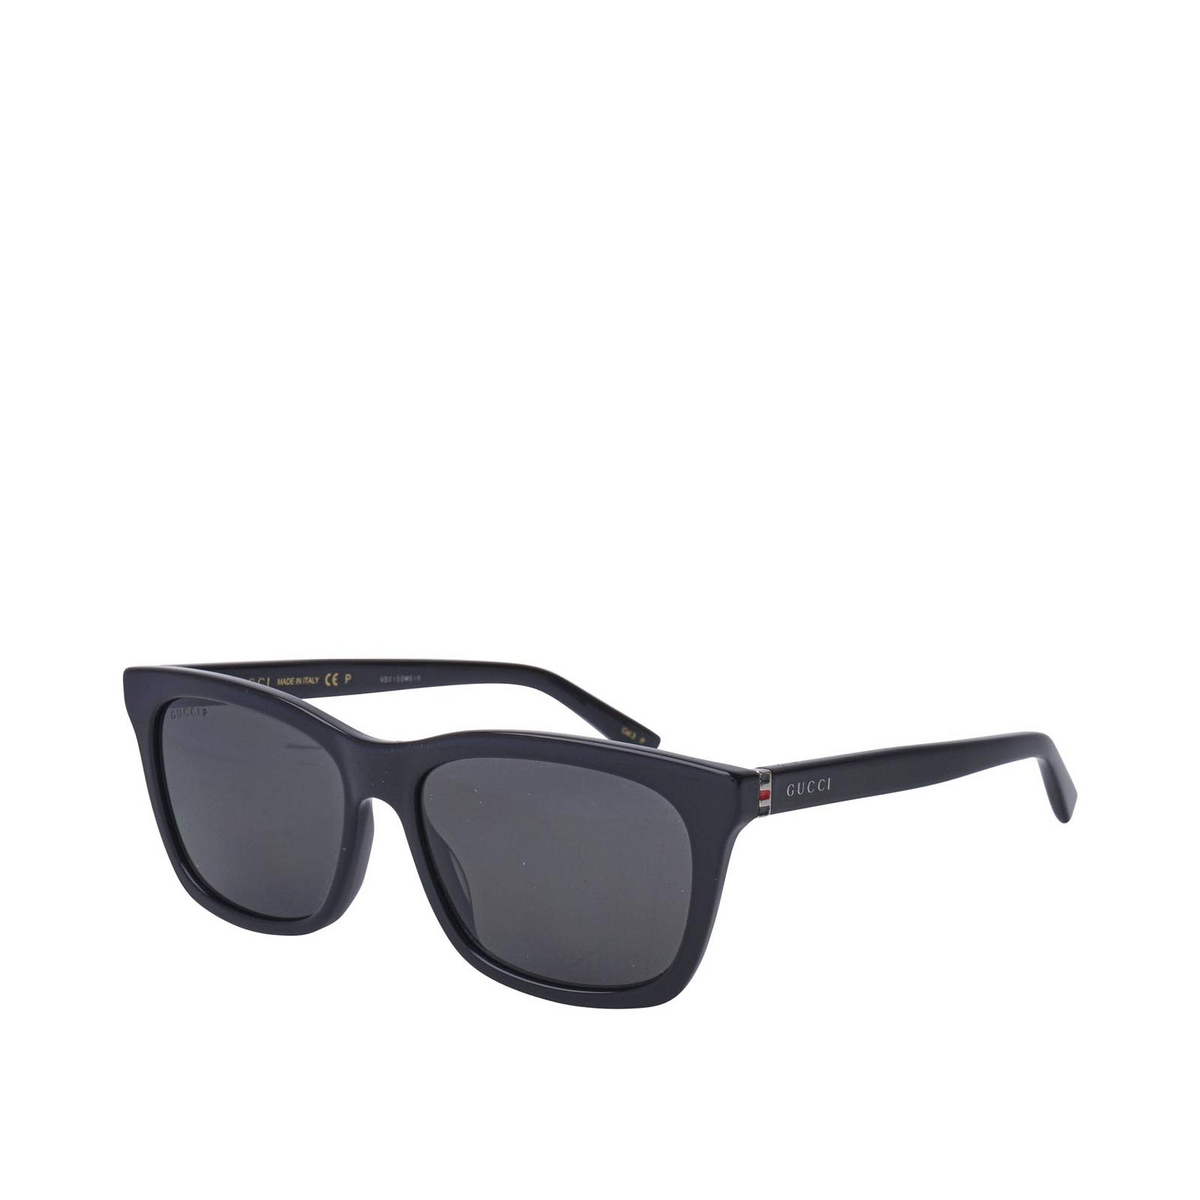 Gucci® Square Sunglasses: GG0449S color Black 002 - 2/2.